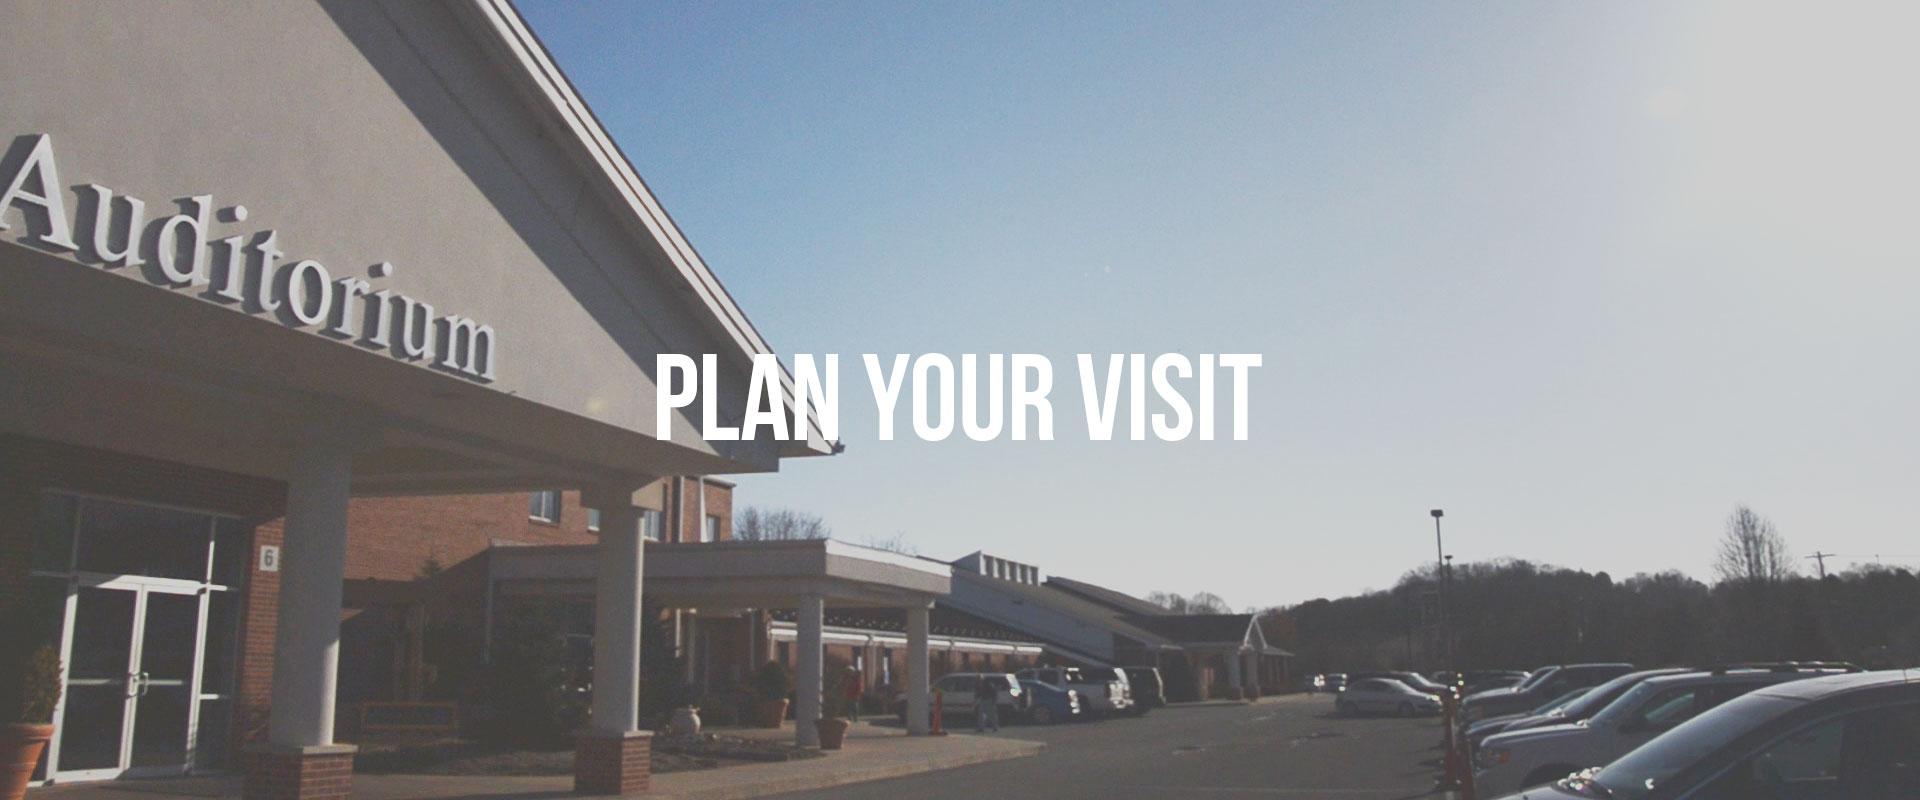 plan-your-visit